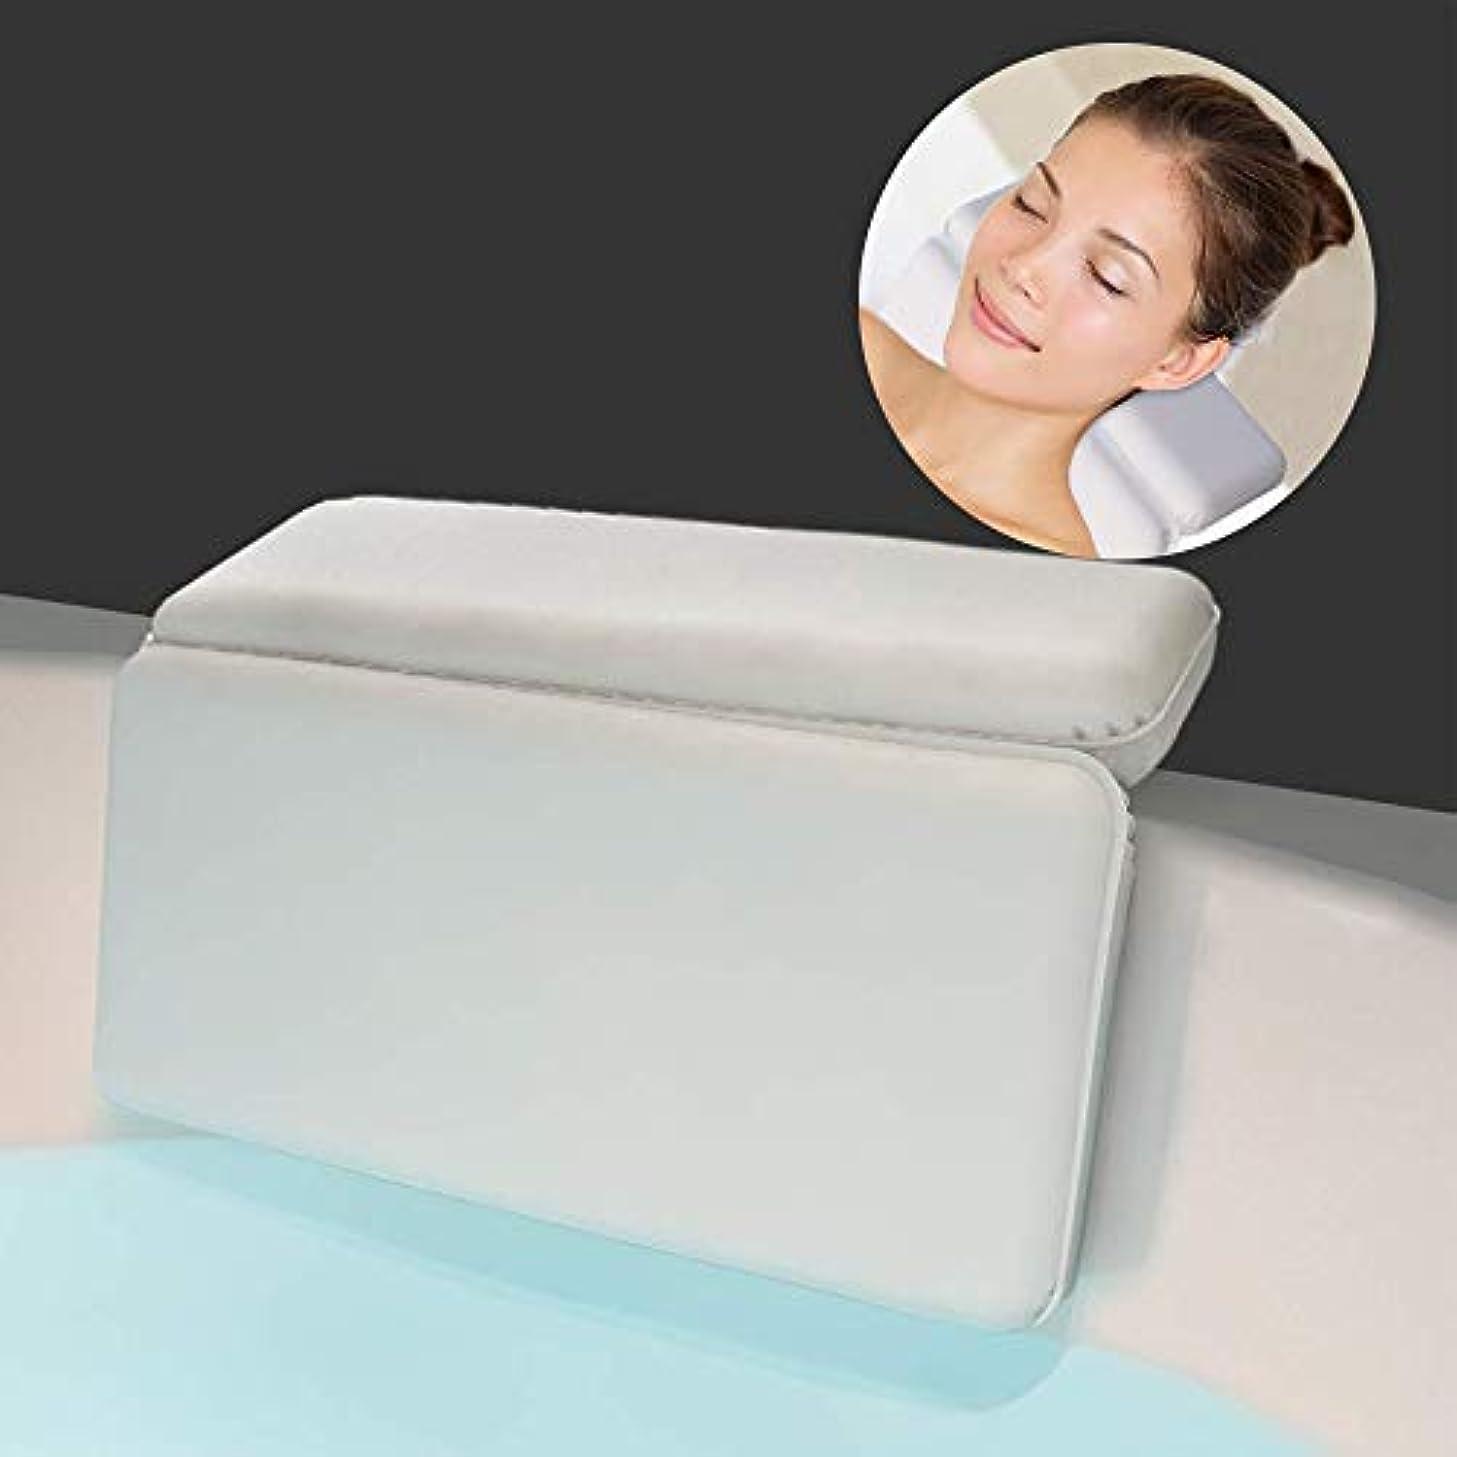 アクセス確実美的サクションカップ付き防水ソフトバスピローショルダー&ネックサポート用の高級バスクッション。あらゆるサイズの浴槽にフィット